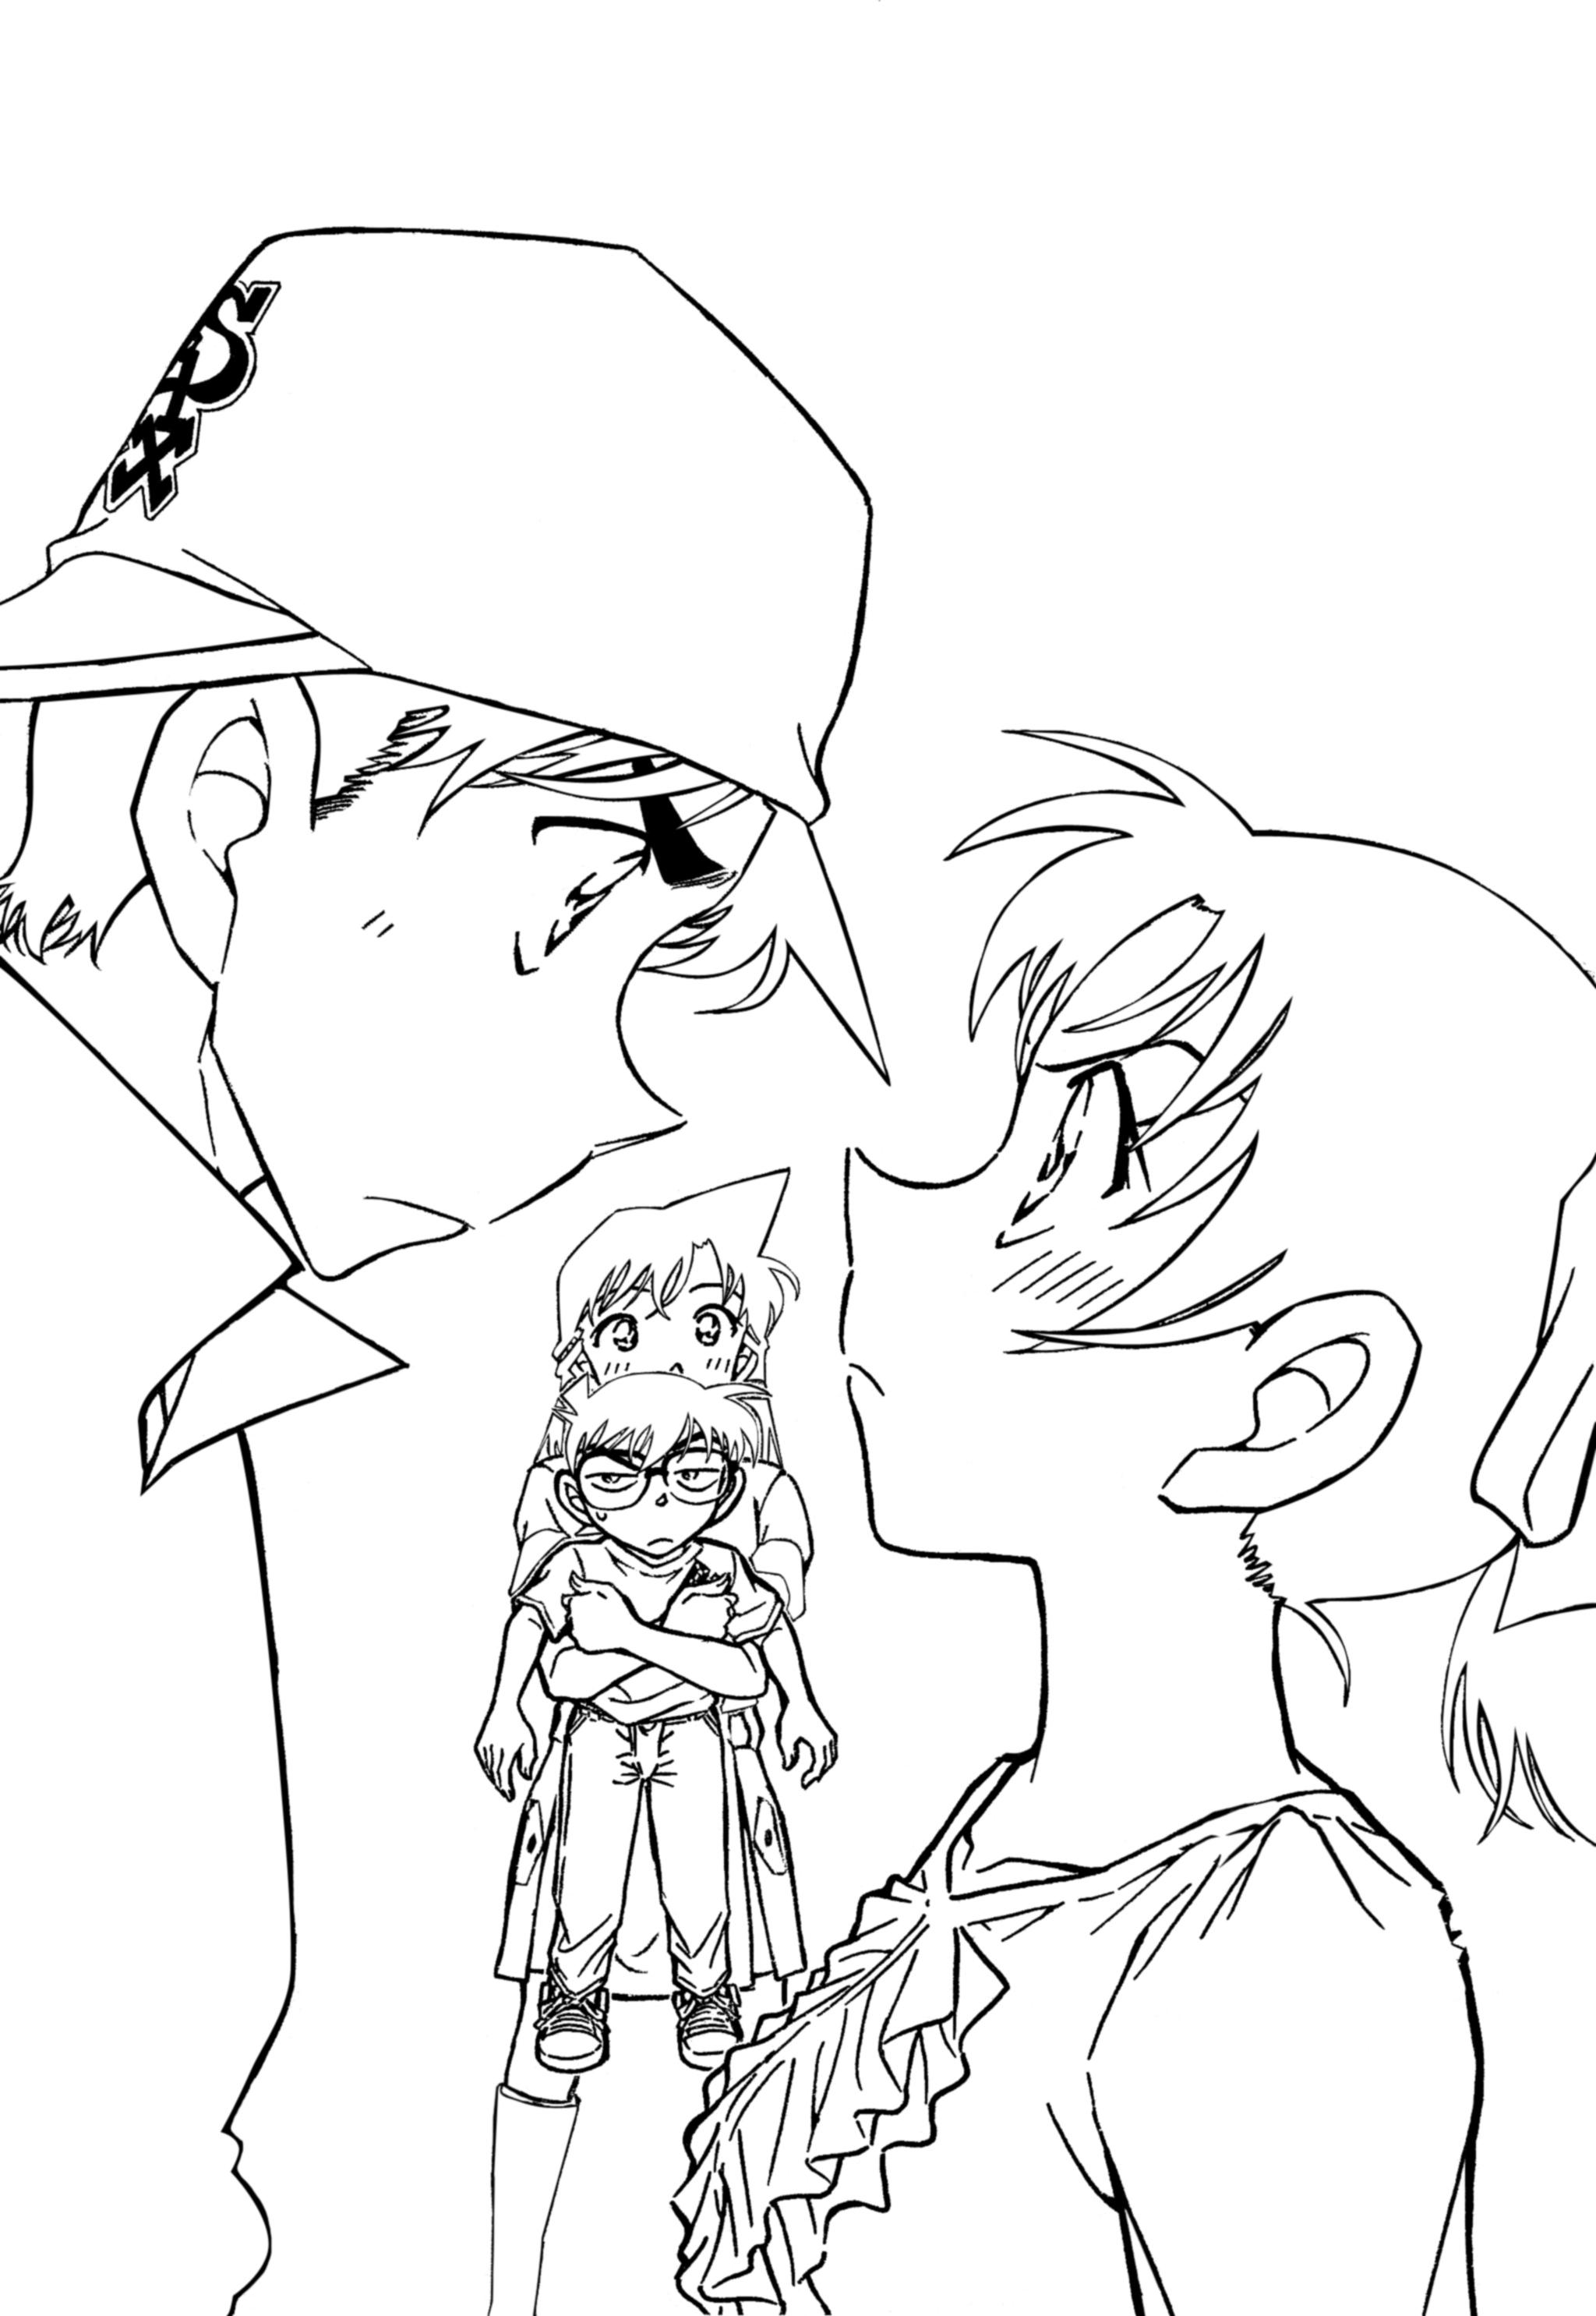 Uncategorized Detective Conan Coloring Pages meitantei conan detective aoyama goushou image 893289 view fullsize image